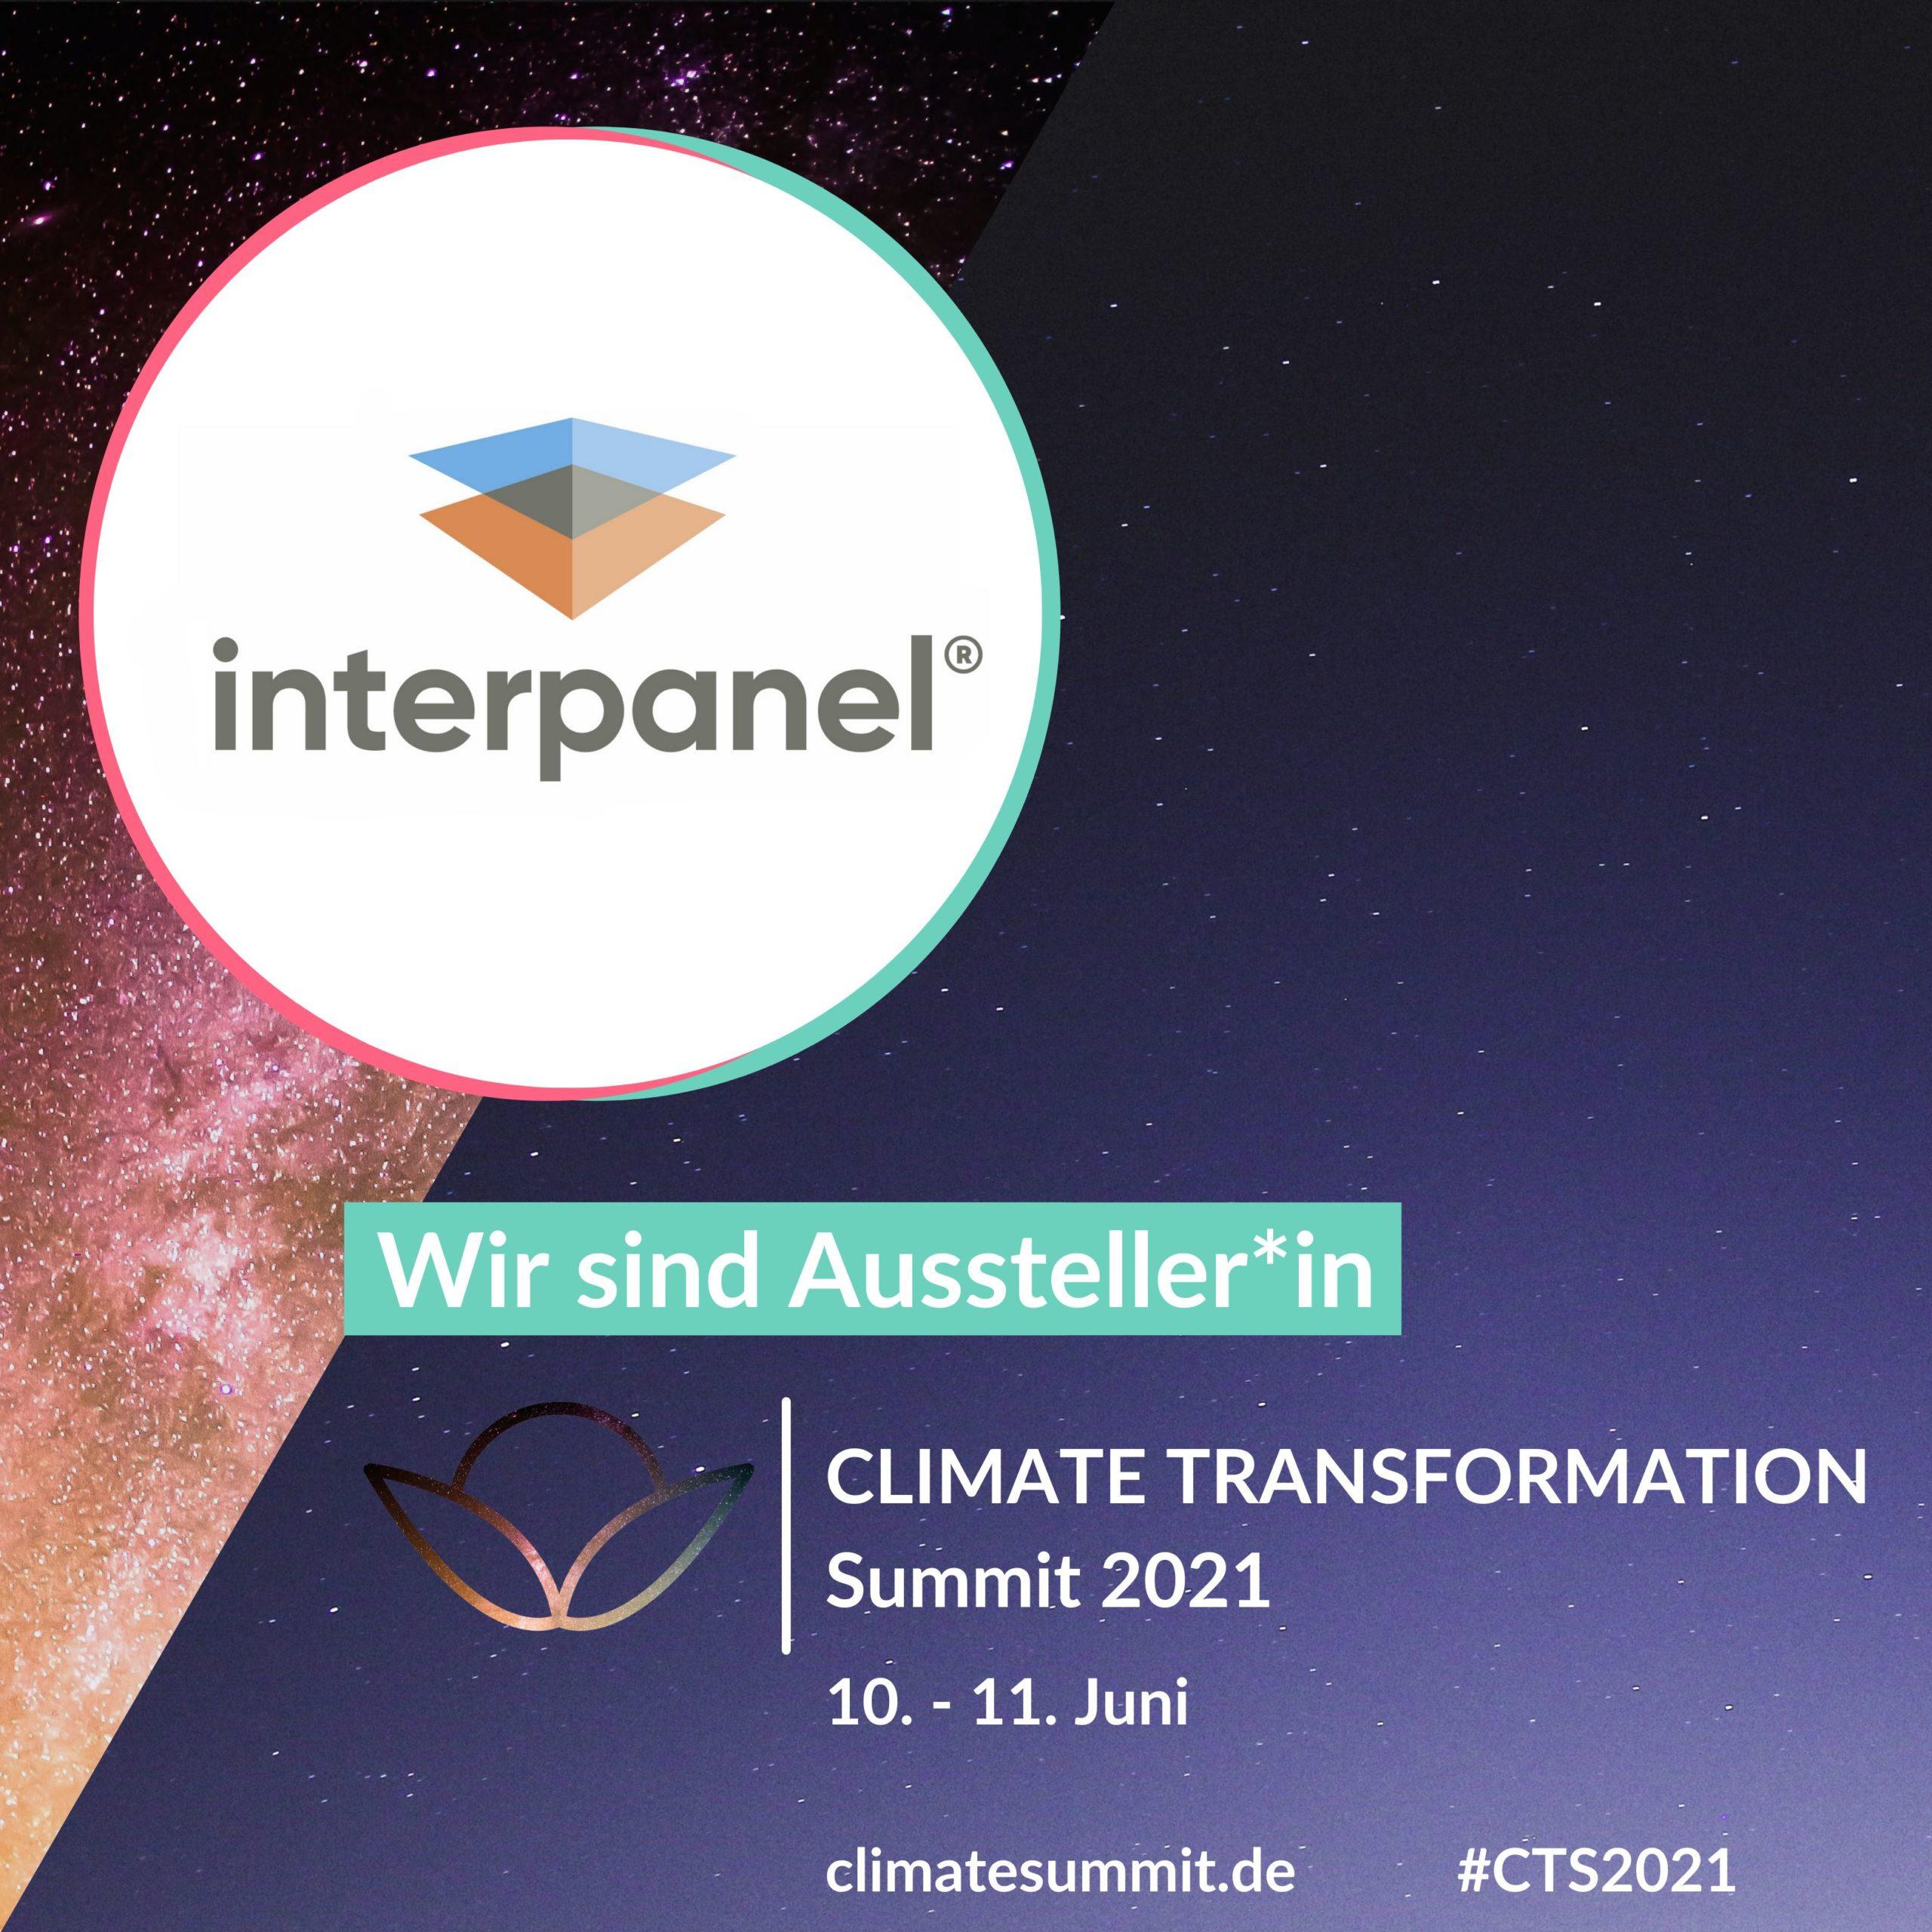 Climatesummit_2021_interpanel_1